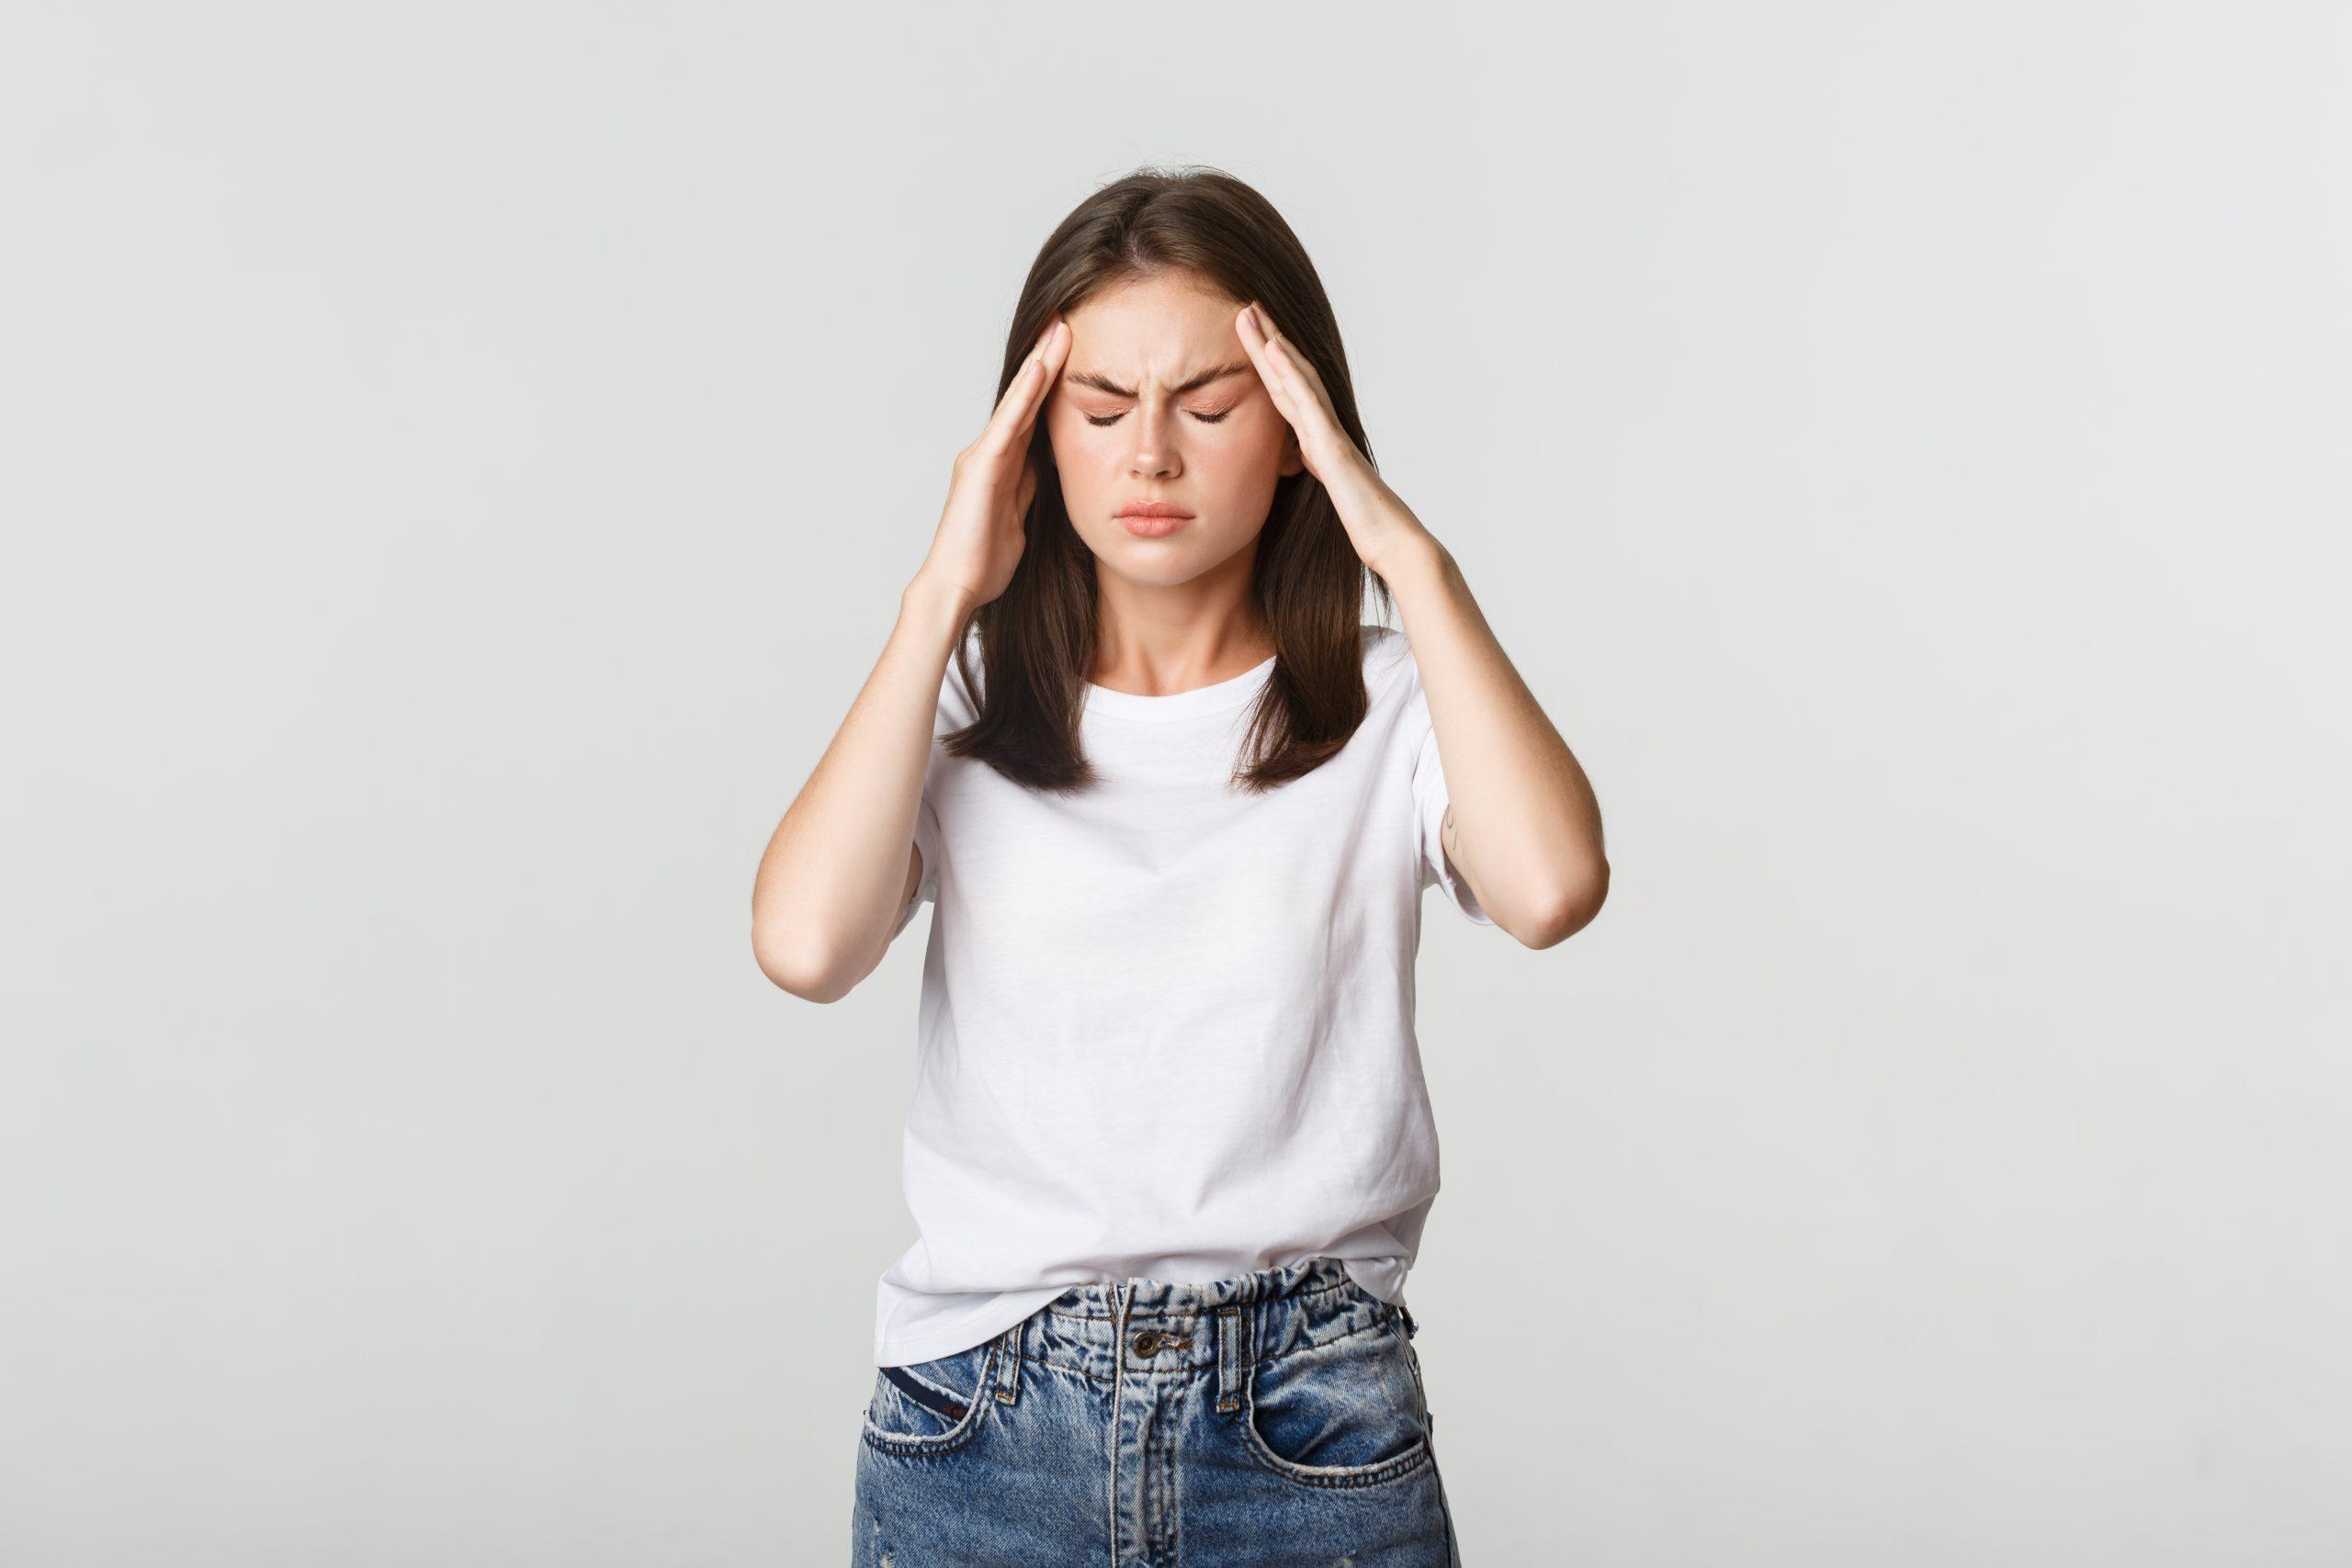 Η ημικρανία είναι νόσος και όσο νωρίτερα αναγνωρίσεις τα συμπτώματα τόσο περισσότερο θα μειώσεις το φορτίο της